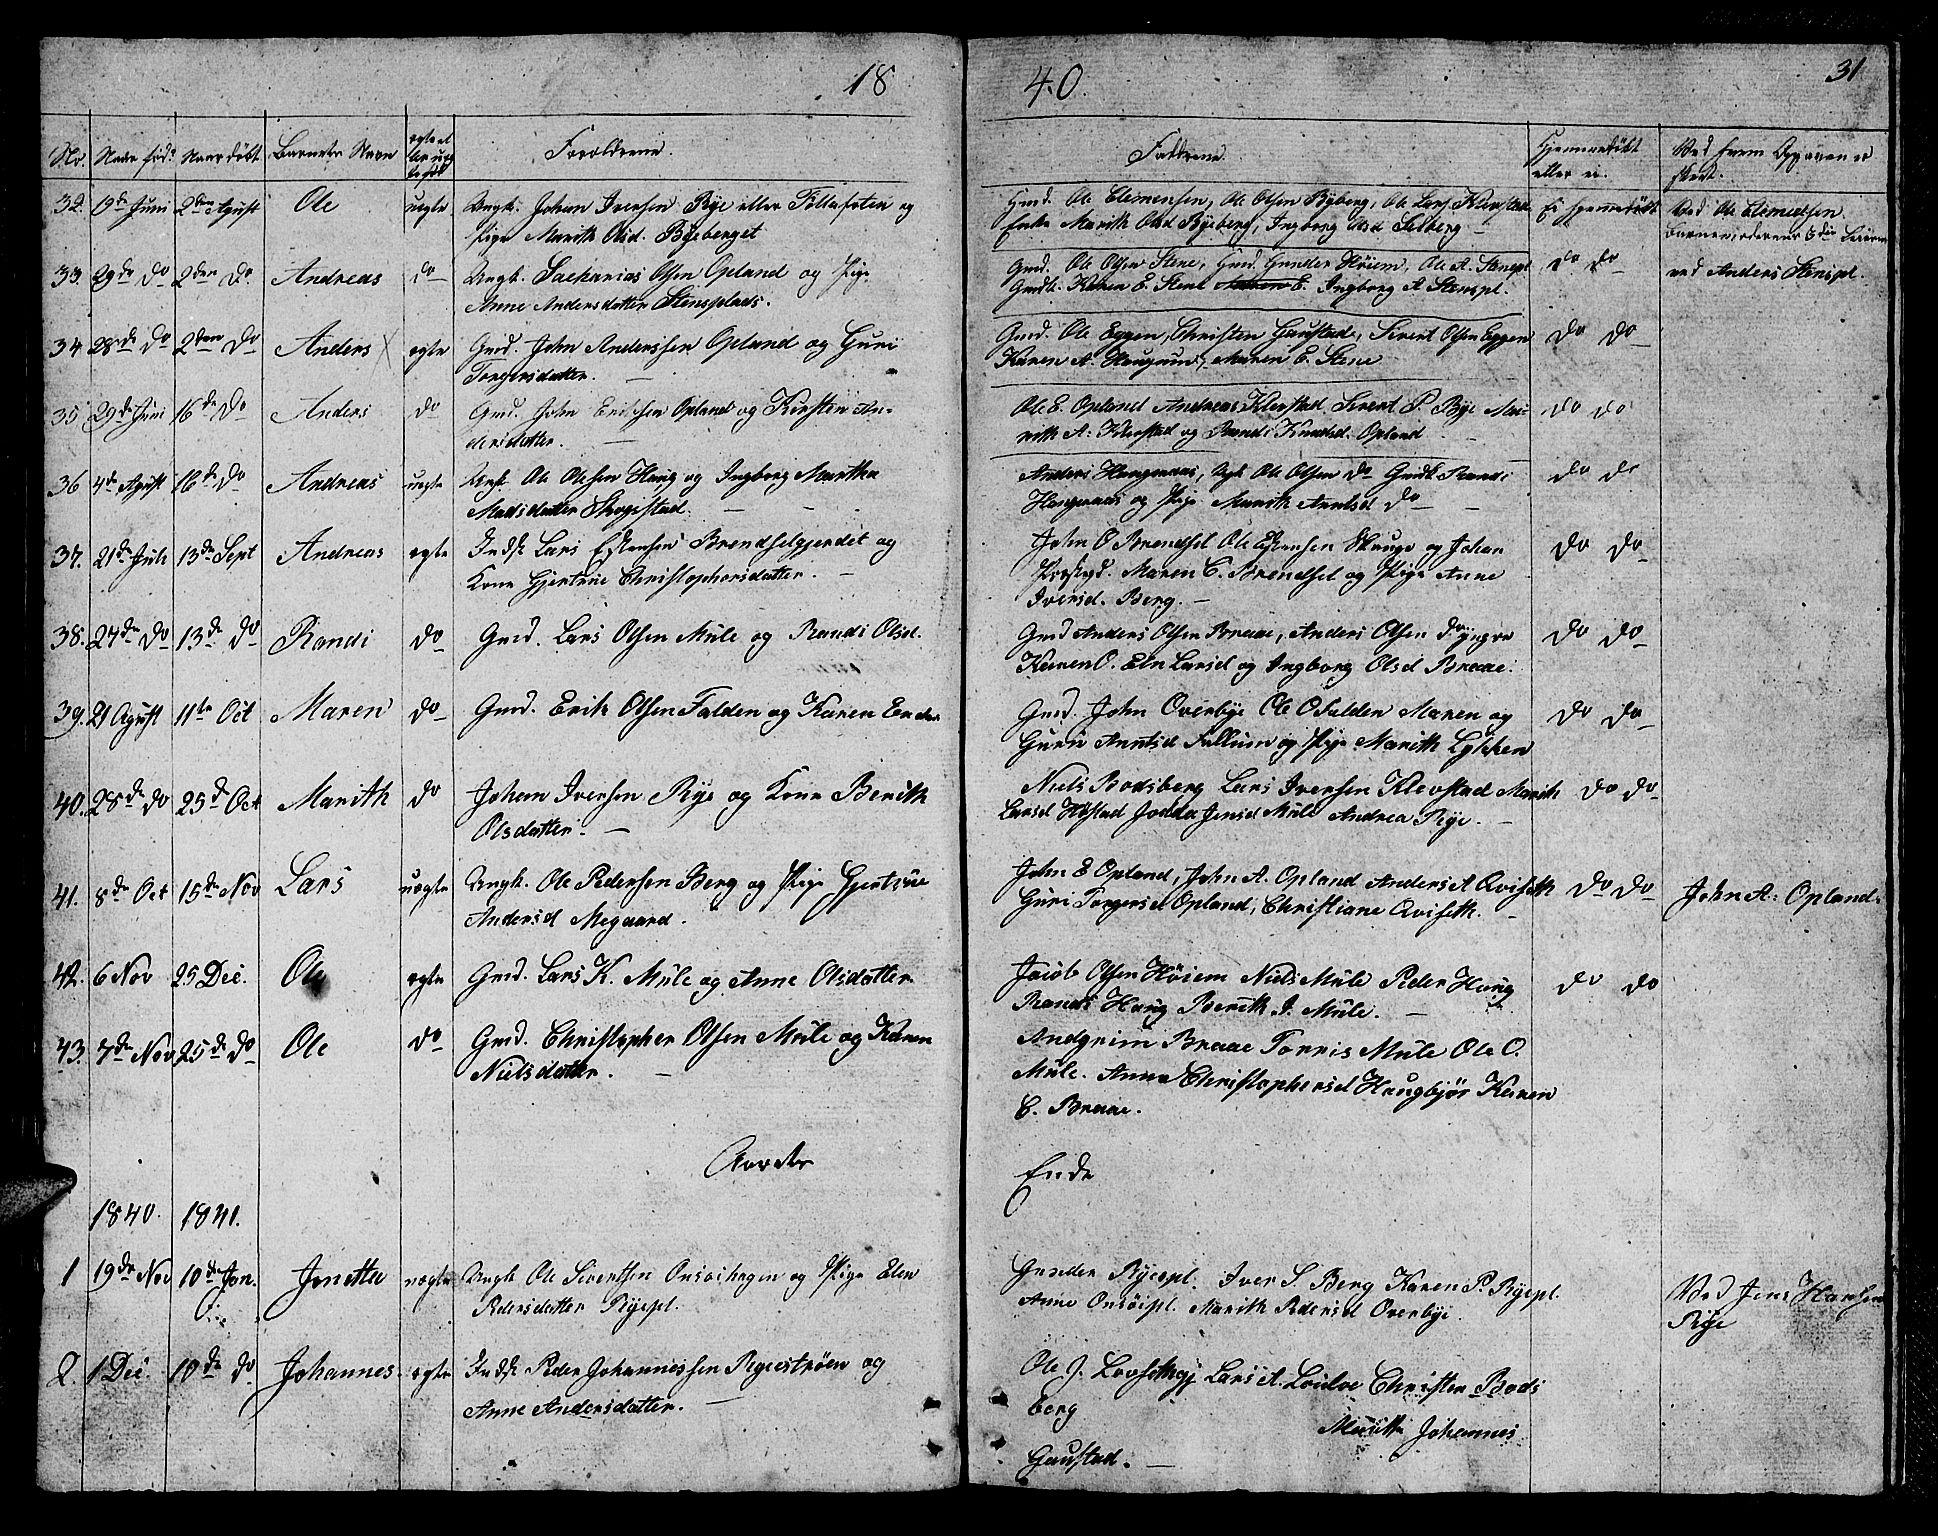 SAT, Ministerialprotokoller, klokkerbøker og fødselsregistre - Sør-Trøndelag, 612/L0386: Klokkerbok nr. 612C02, 1834-1845, s. 31